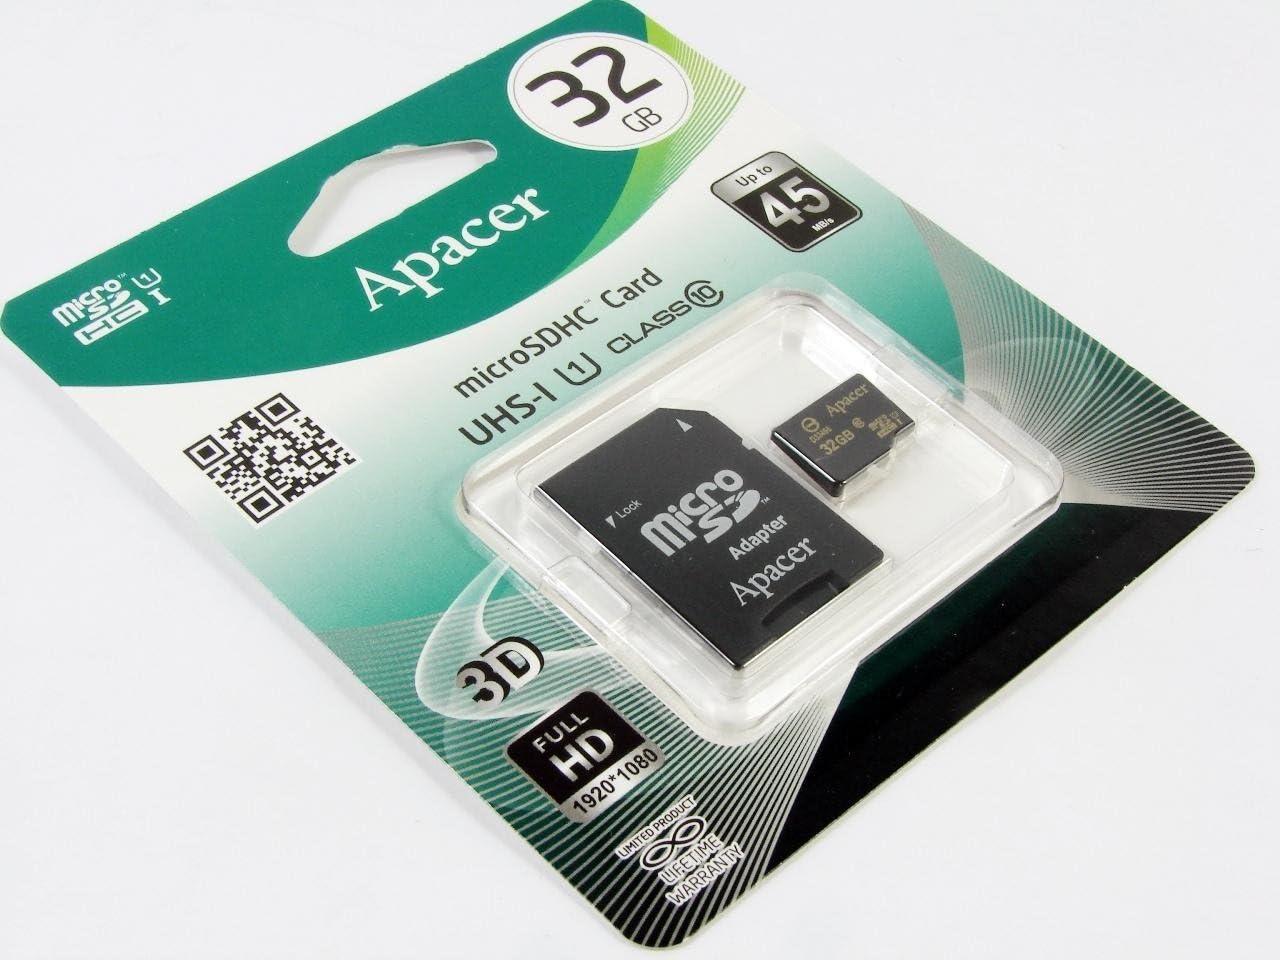 Apacer Micro Sdhc Class 10 Uhs 1 32gb Speicherkarte Mit Computer Zubehör